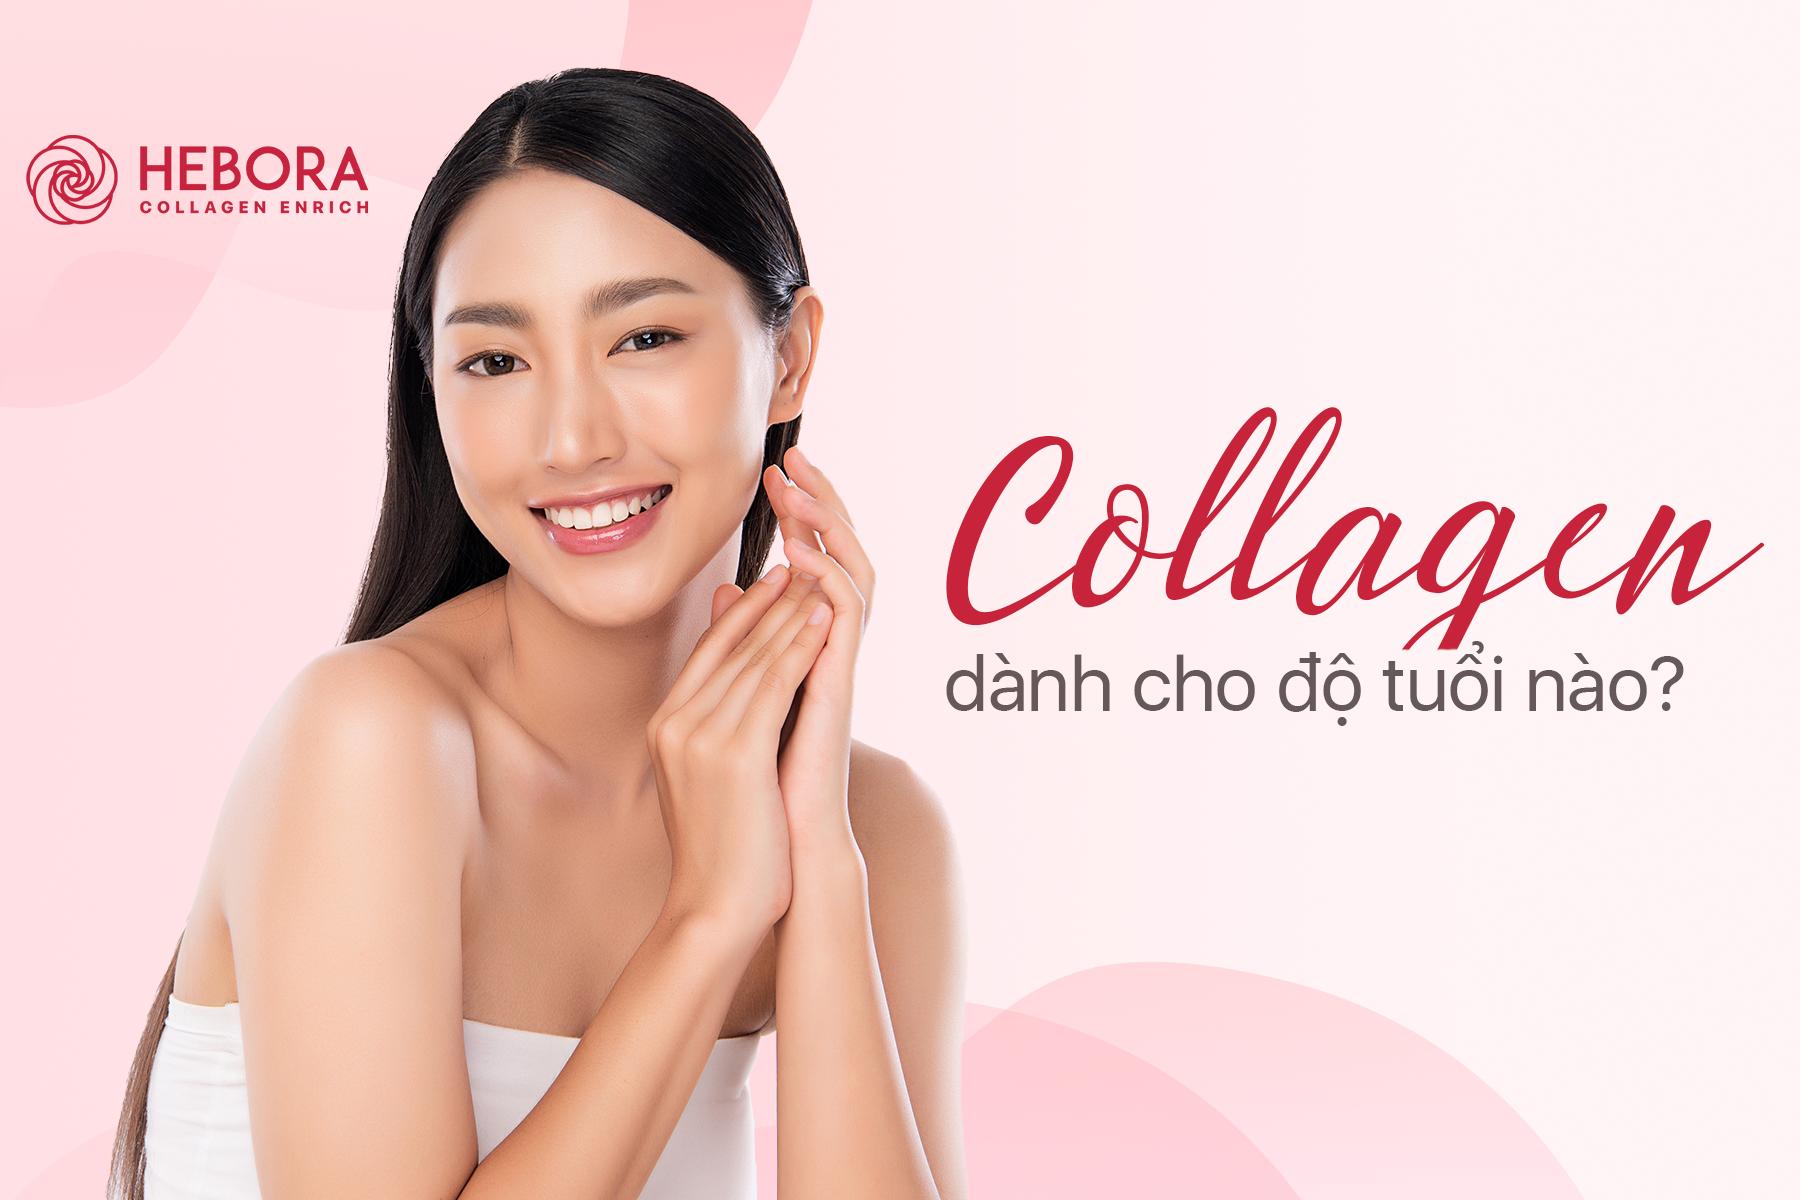 Collagen dành cho độ tuổi nào?